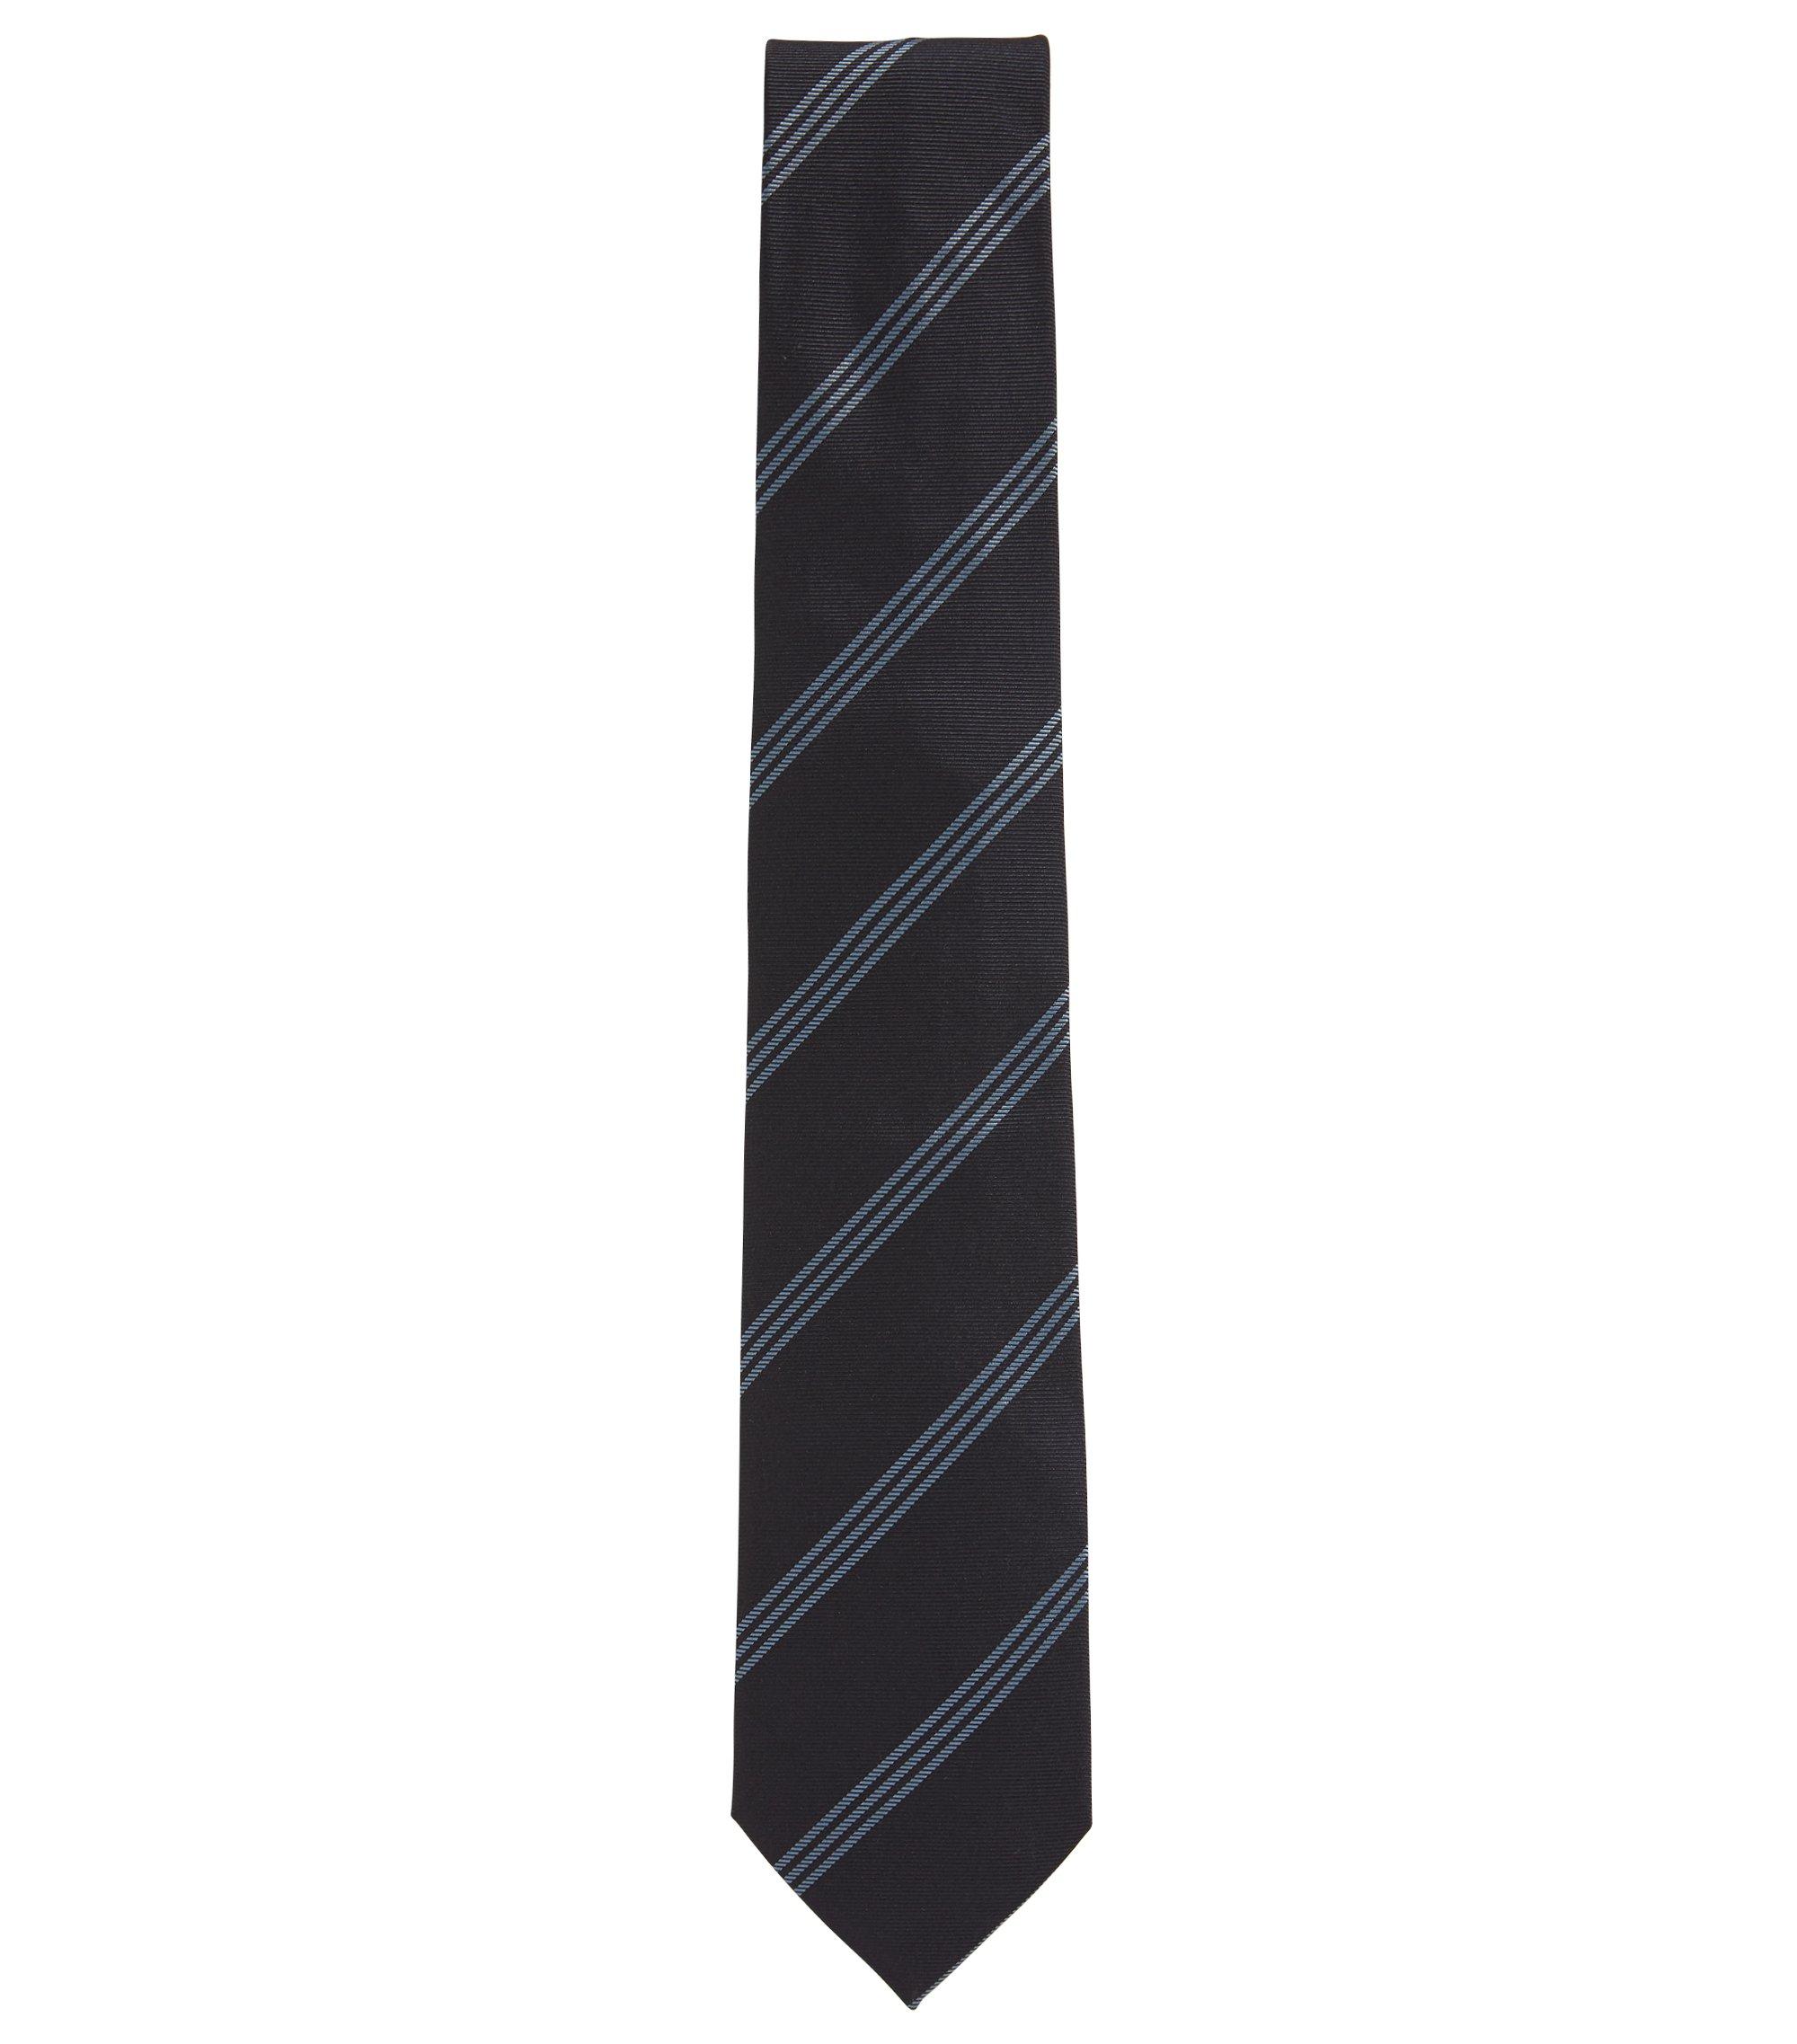 Corbata con rayas diagonales triples en seda elaborada en Italia, Fantasía